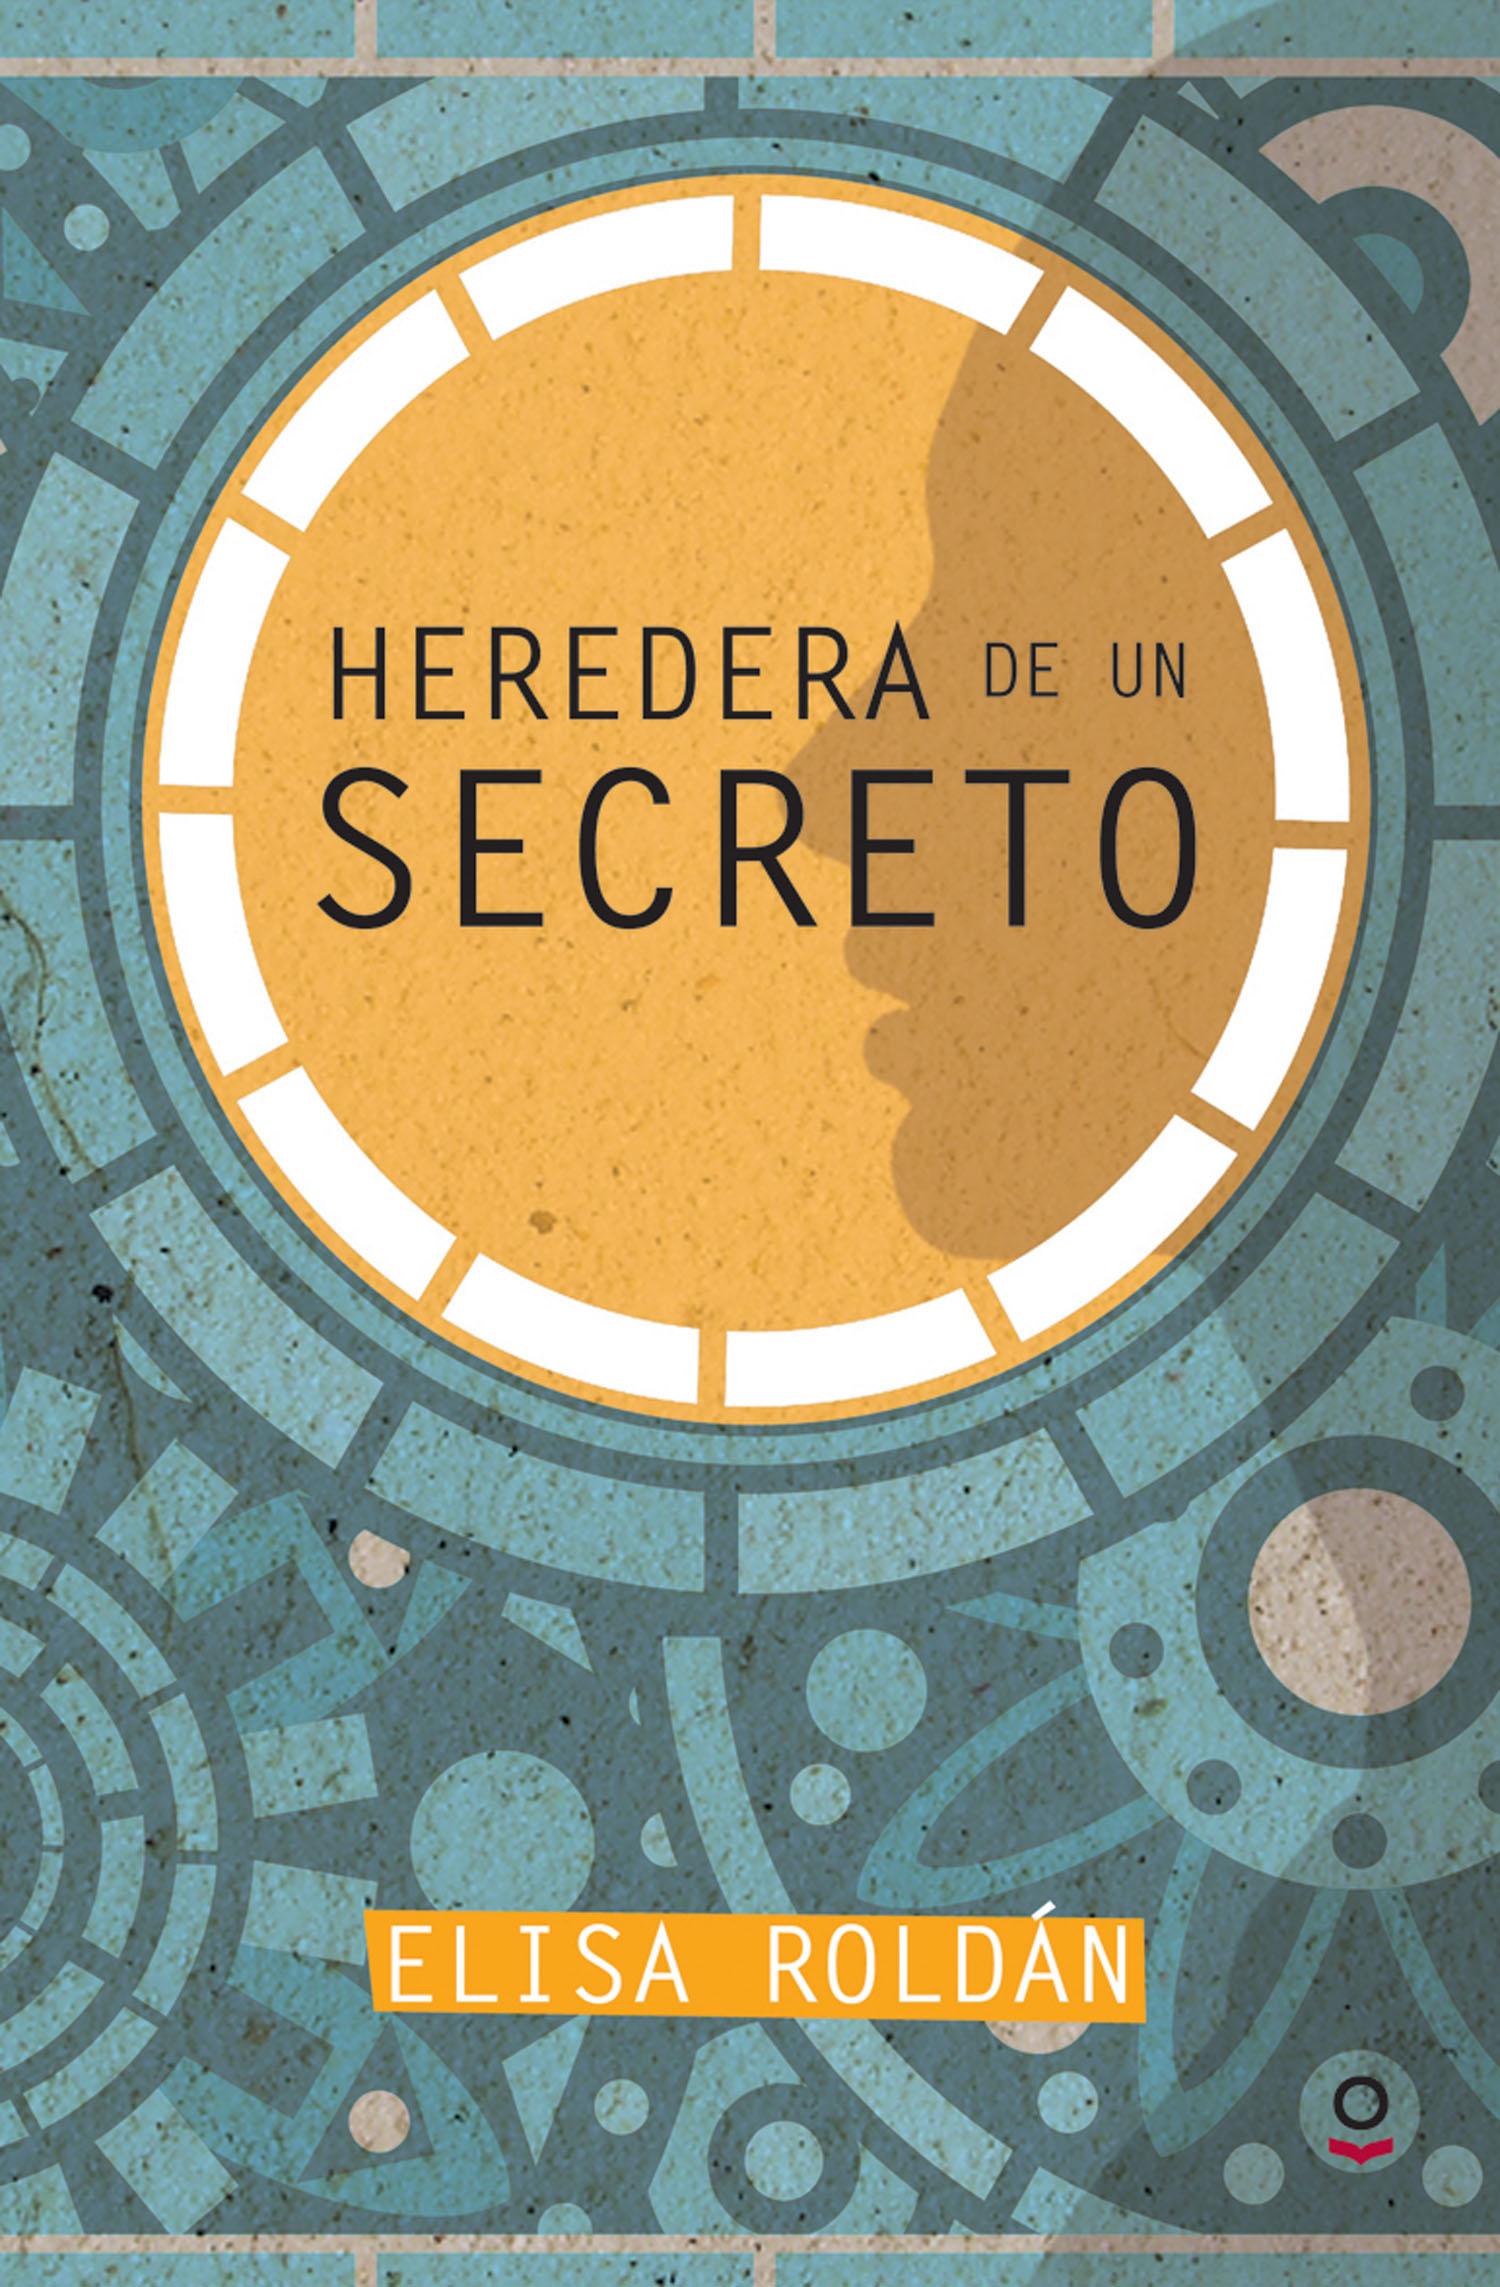 HEREDERA DE UN SECRETO EBOOK ELISA ROLDN Descargar